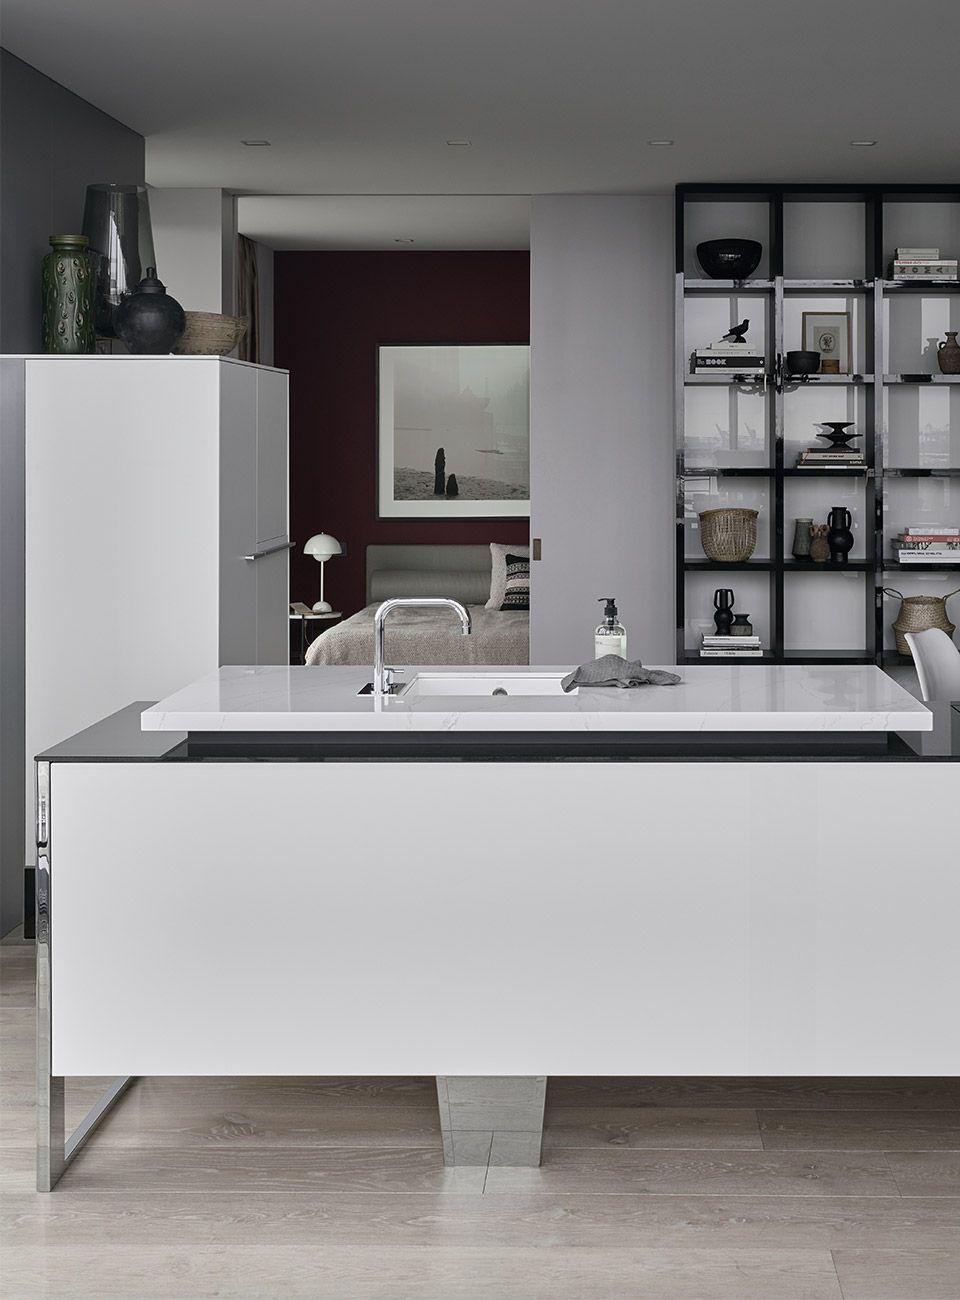 Attractive Küche +VENOVO Von Poggenpohl | Individuelles Küchendesign. Minimalistic,  Very Modern, Luxury Kitchen